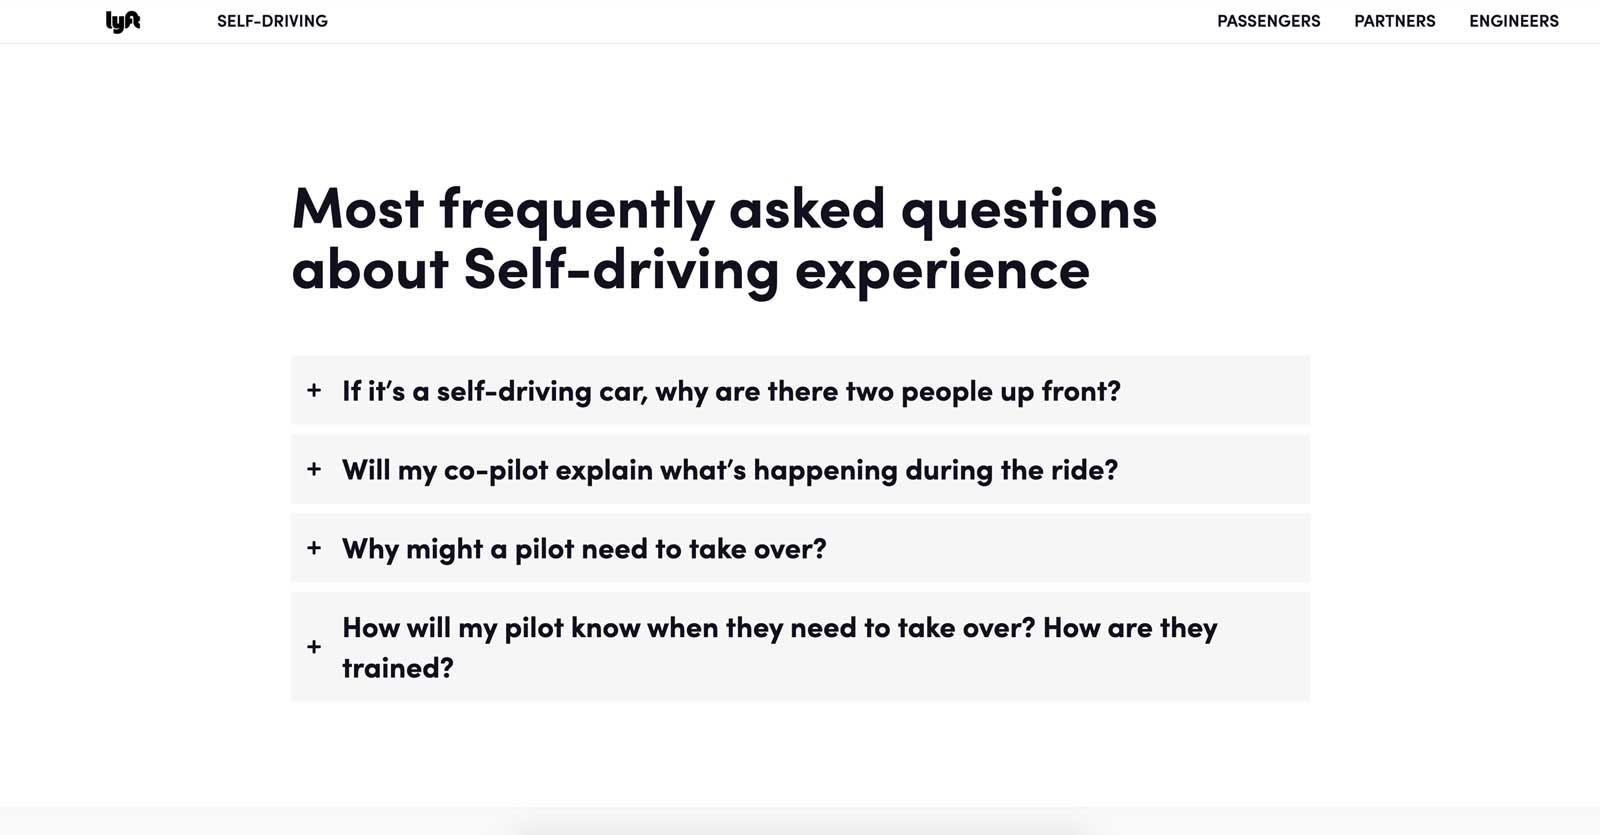 lyft self driving faq